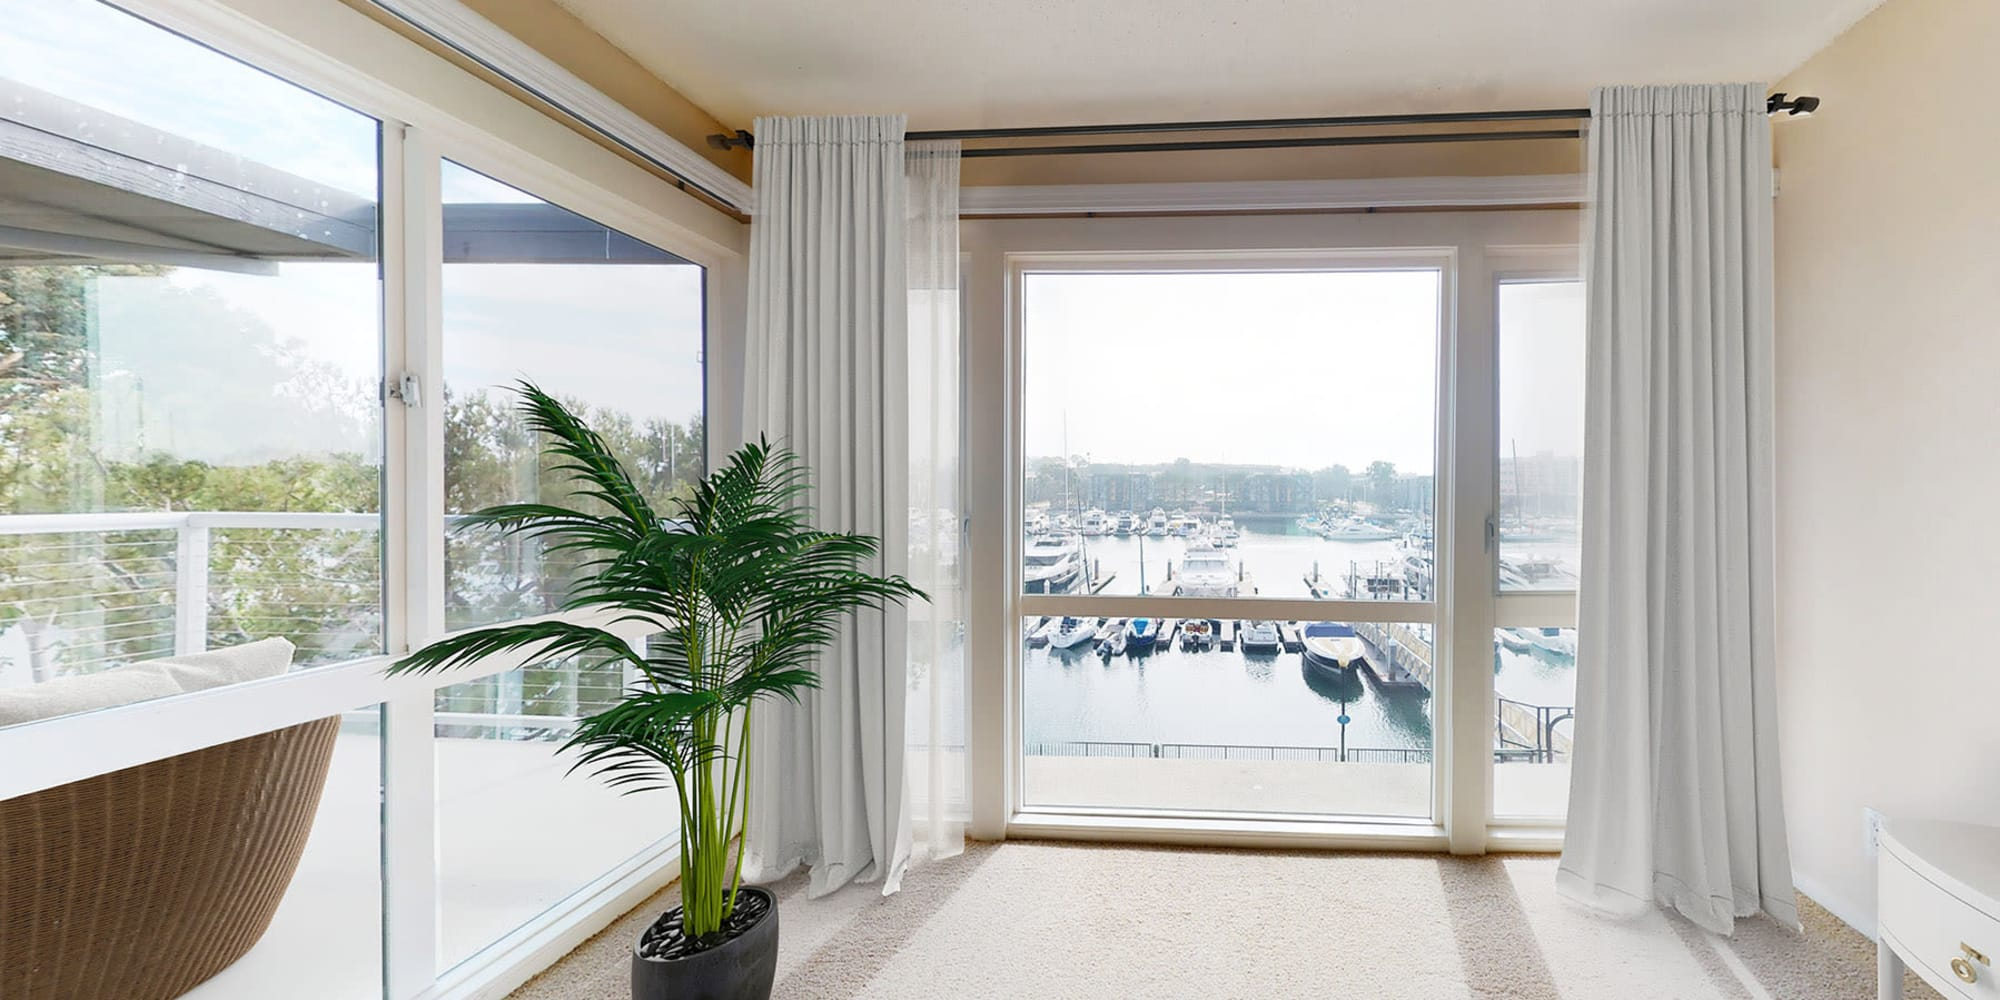 Spacious bedroom with waterfront views of the marina at The Tides at Marina Harbor in Marina del Rey, California